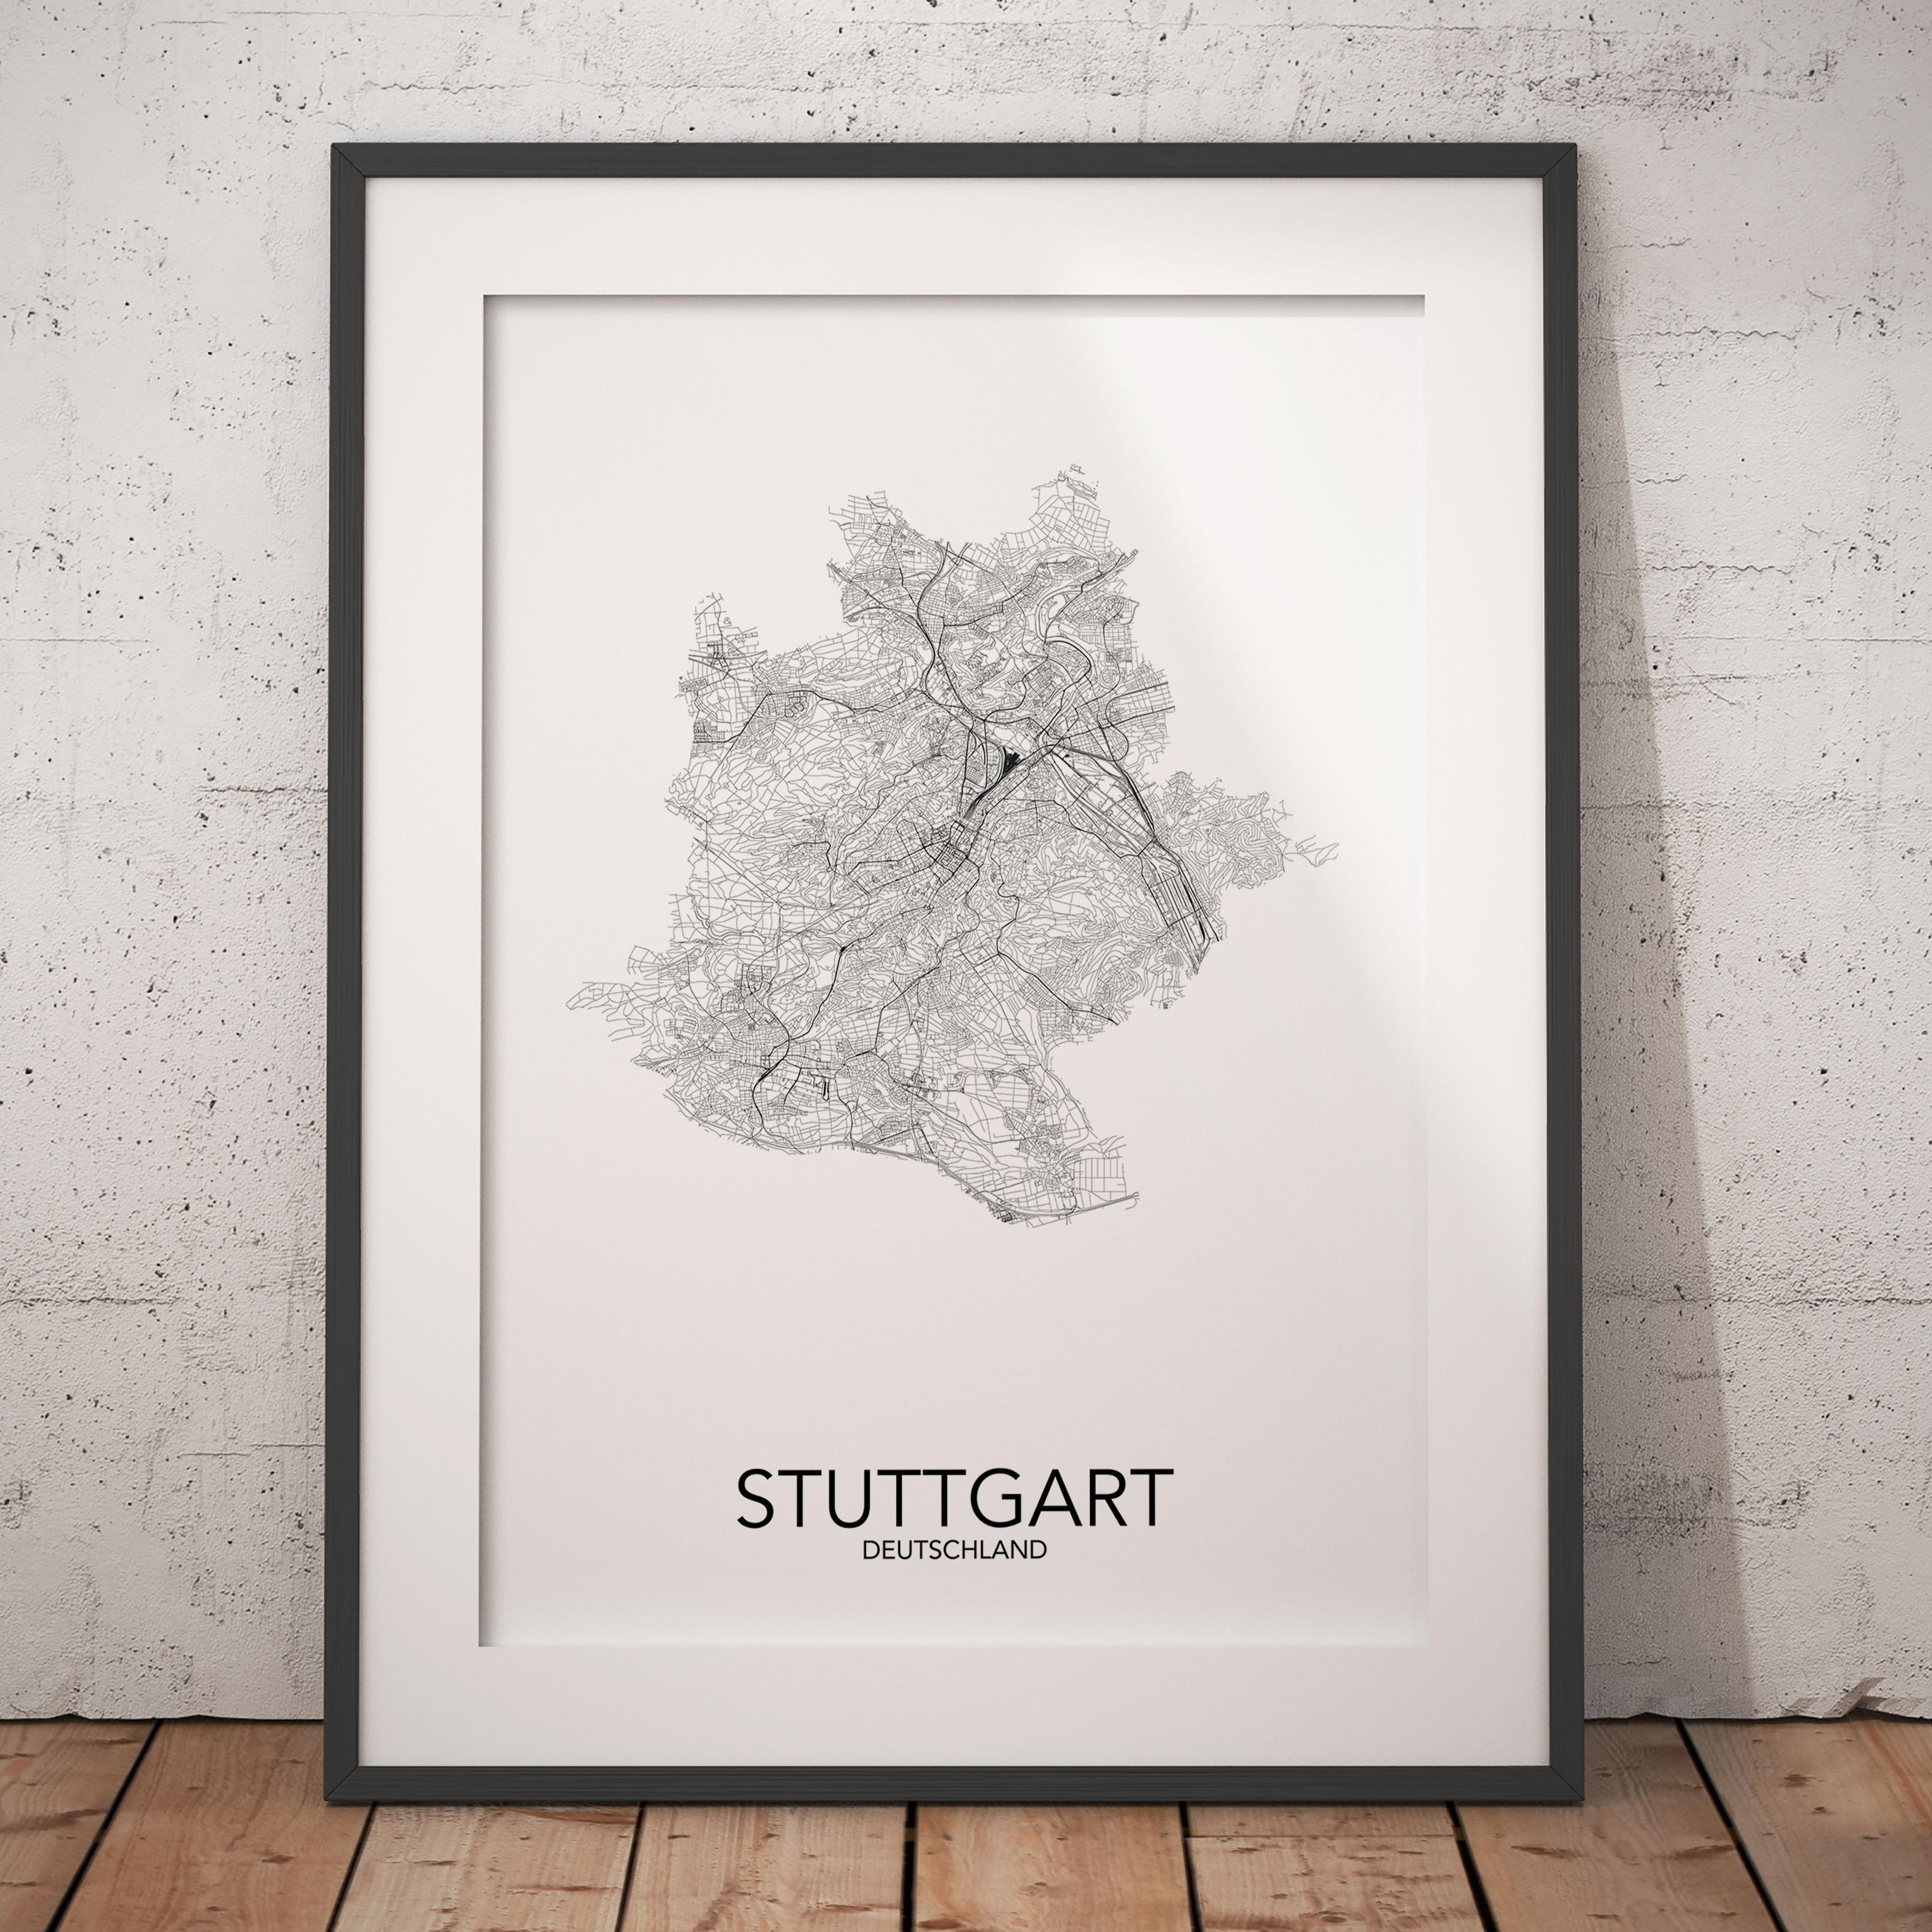 Posterlin Dein Poster Der Stadt Stuttgart Baden Wurttemberg